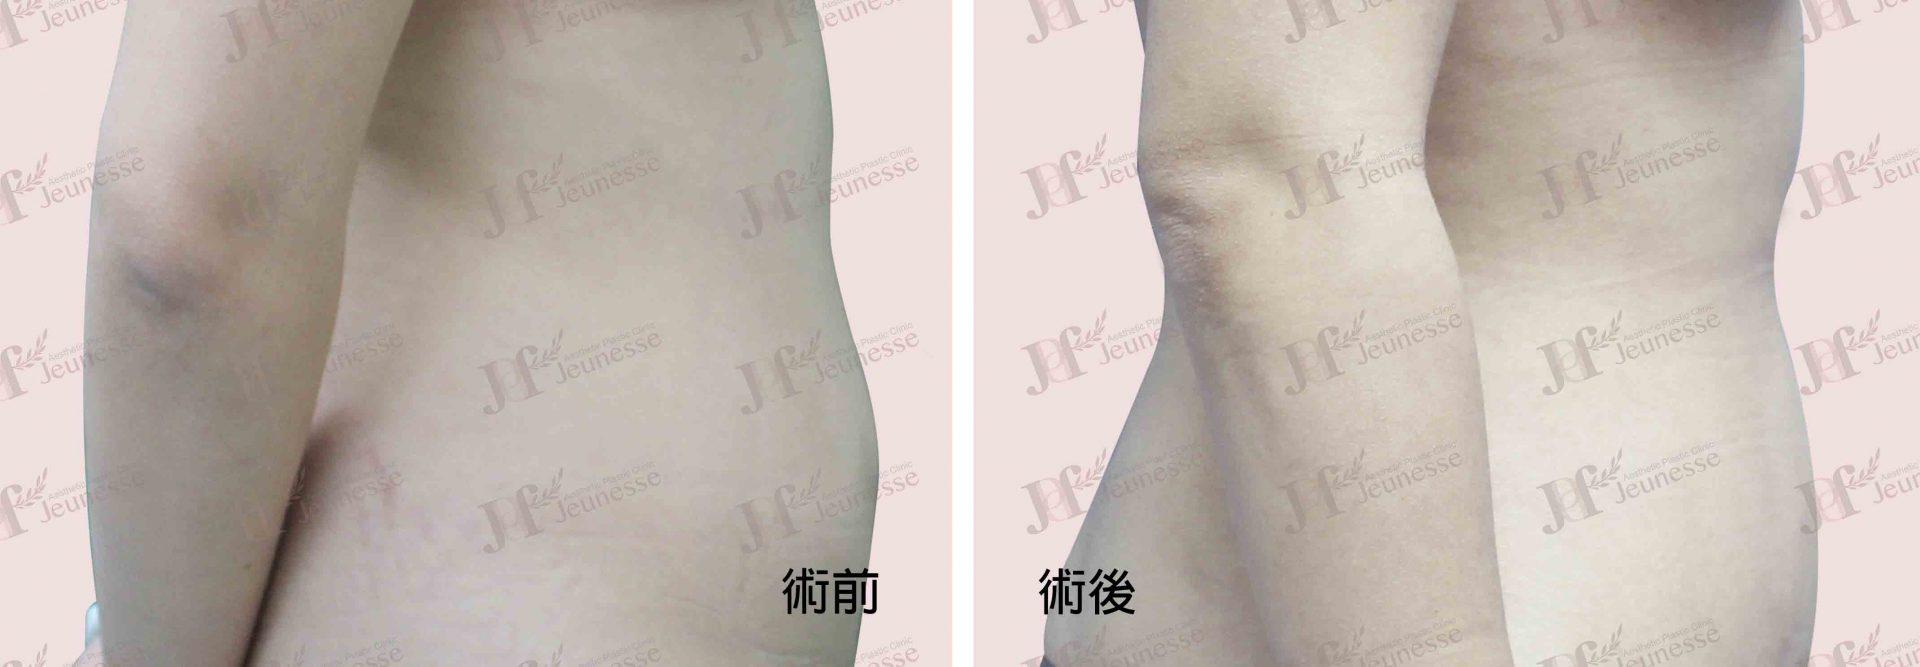 Liposuction- Abdomen case2 側面-浮水印